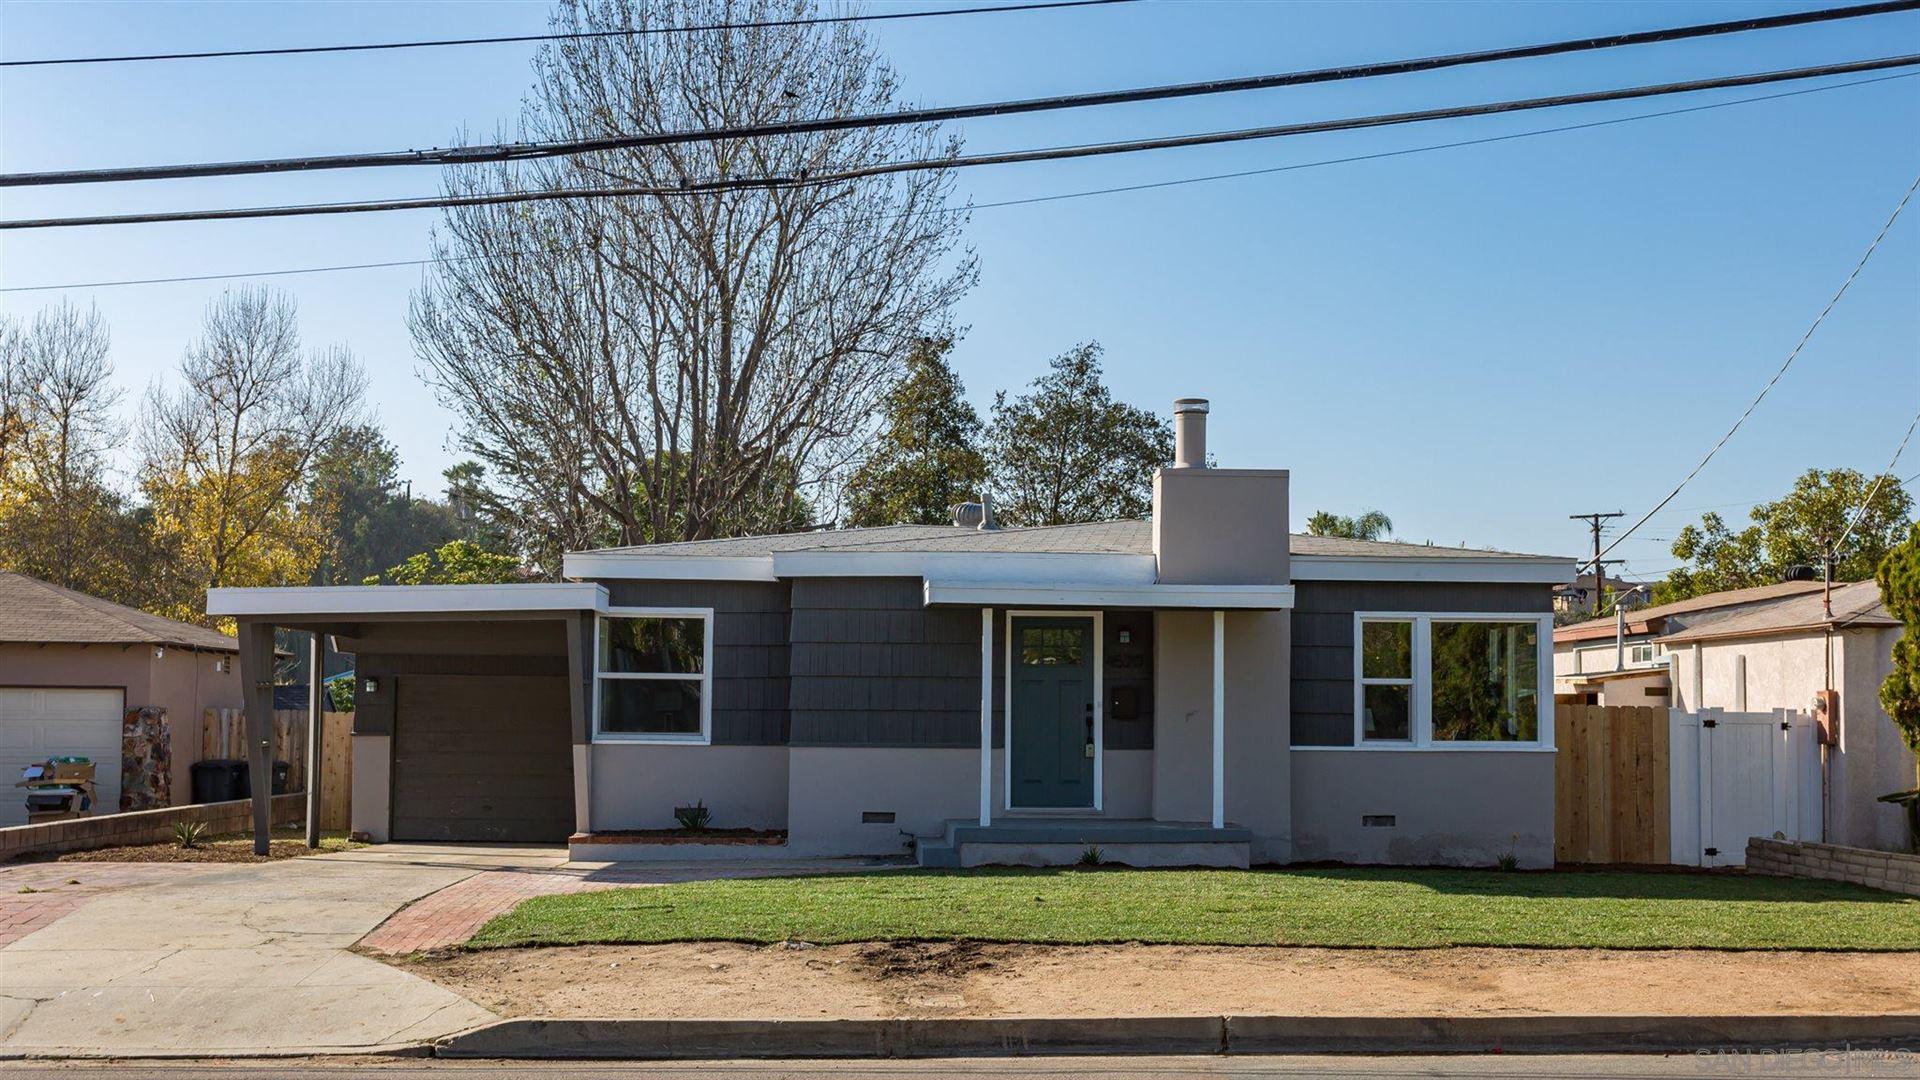 Photo of 4520 Harbinson Ave, La Mesa, CA 91942 (MLS # 210000608)